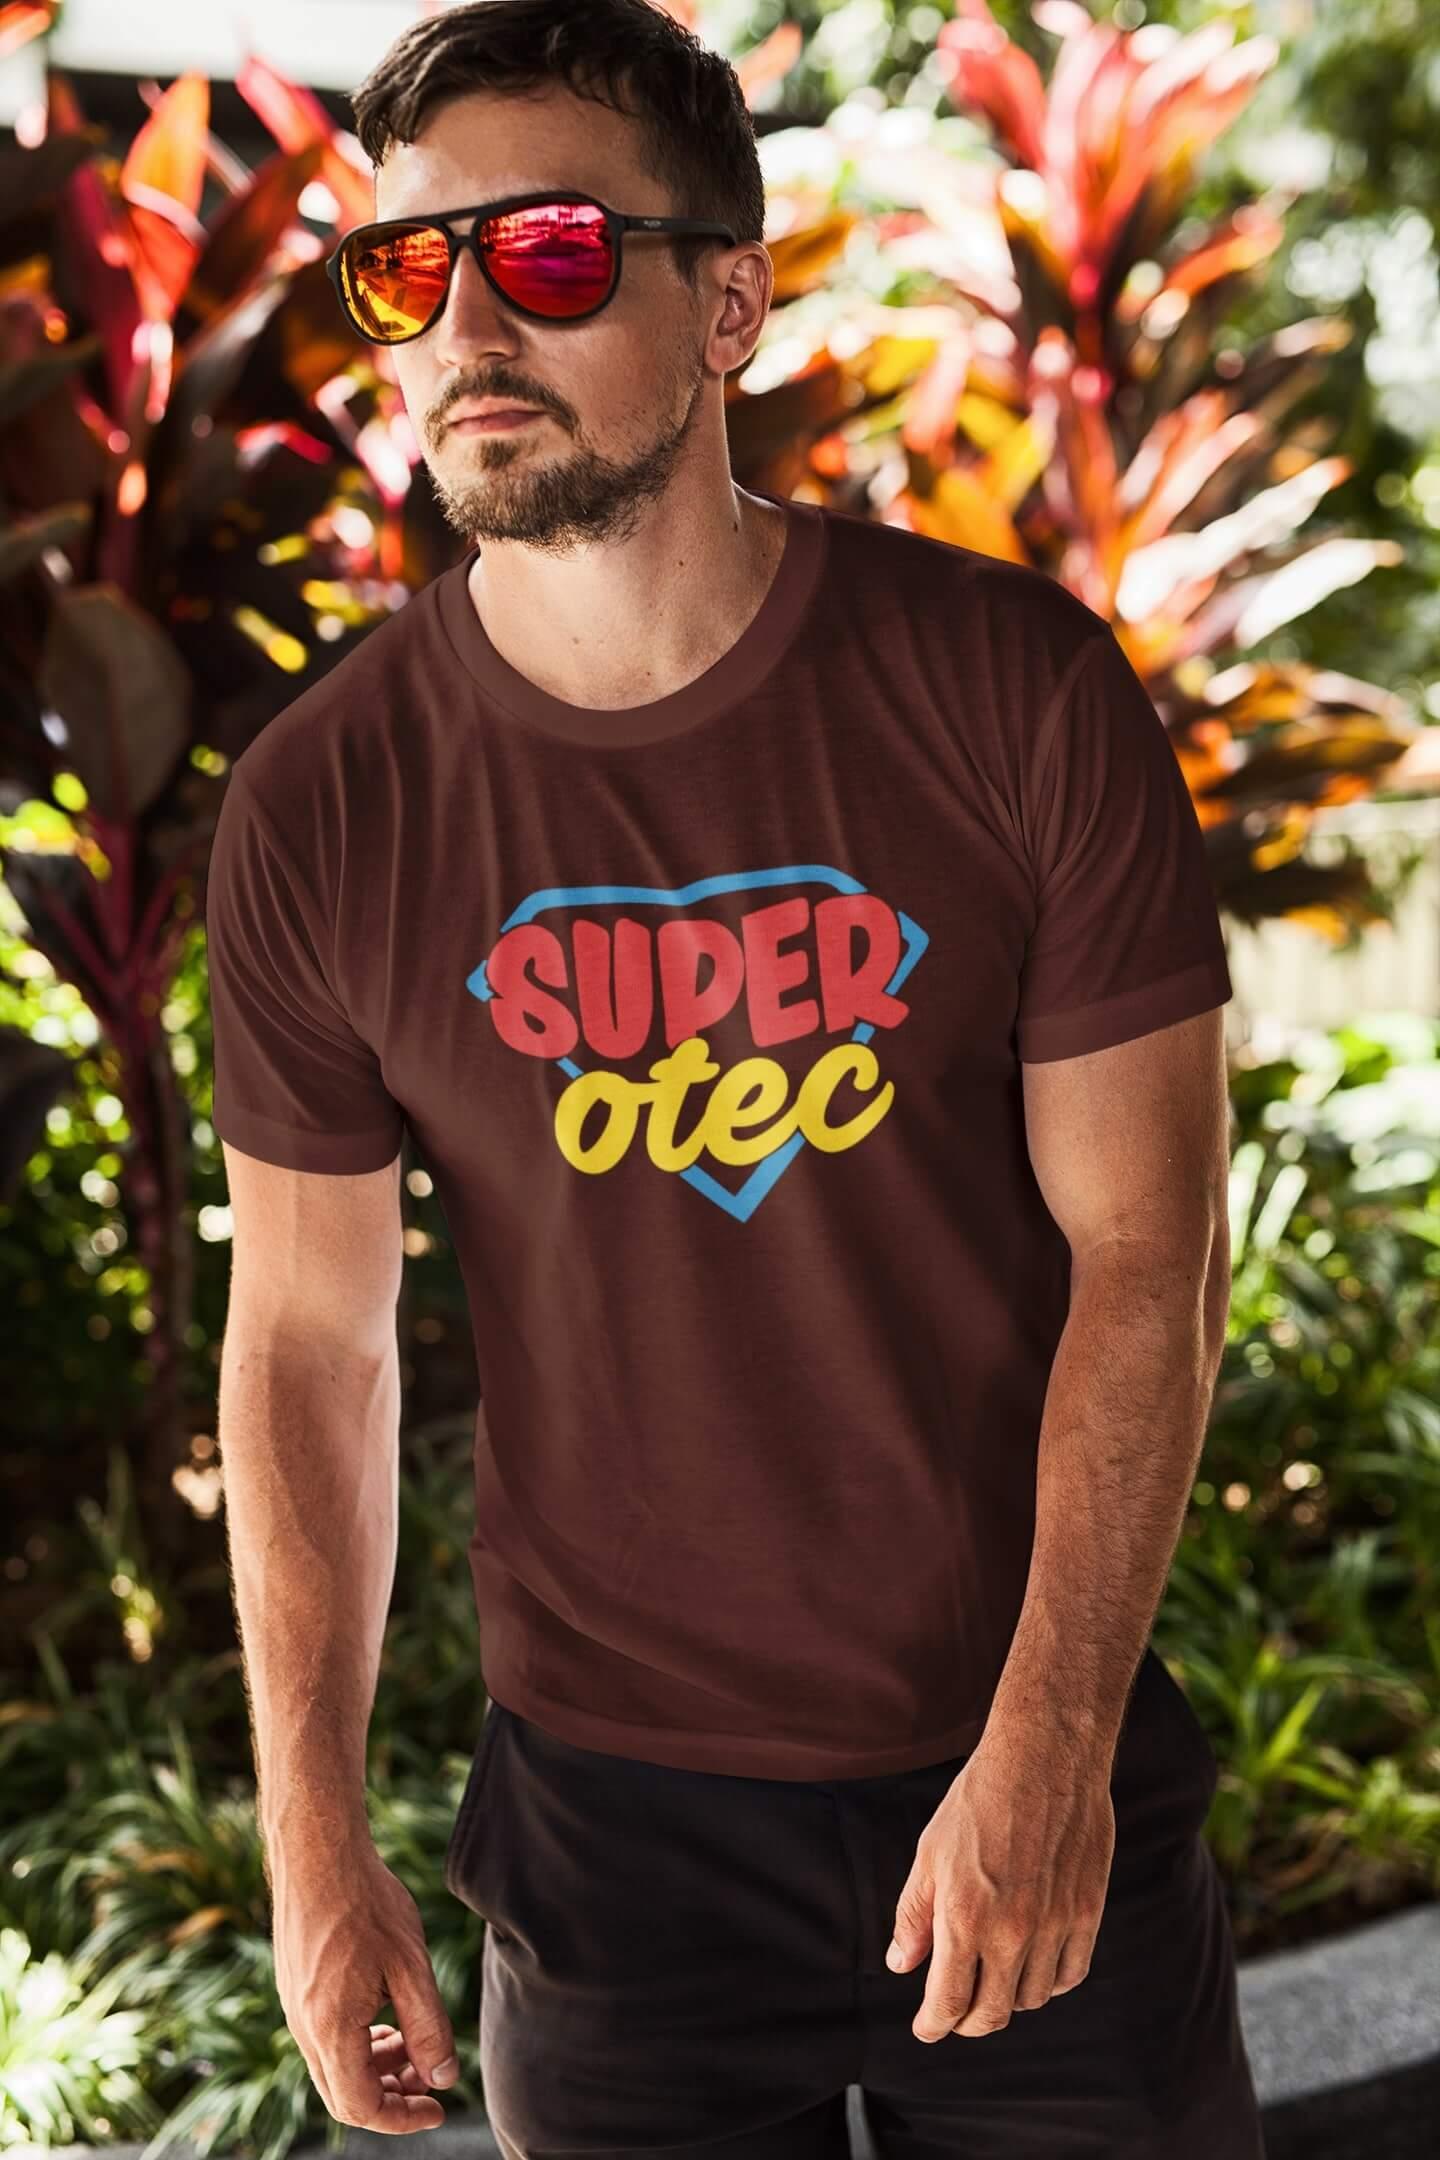 MMO Pánske tričko Superotec Vyberte farbu: Čokoládová, Vyberte veľkosť: XL